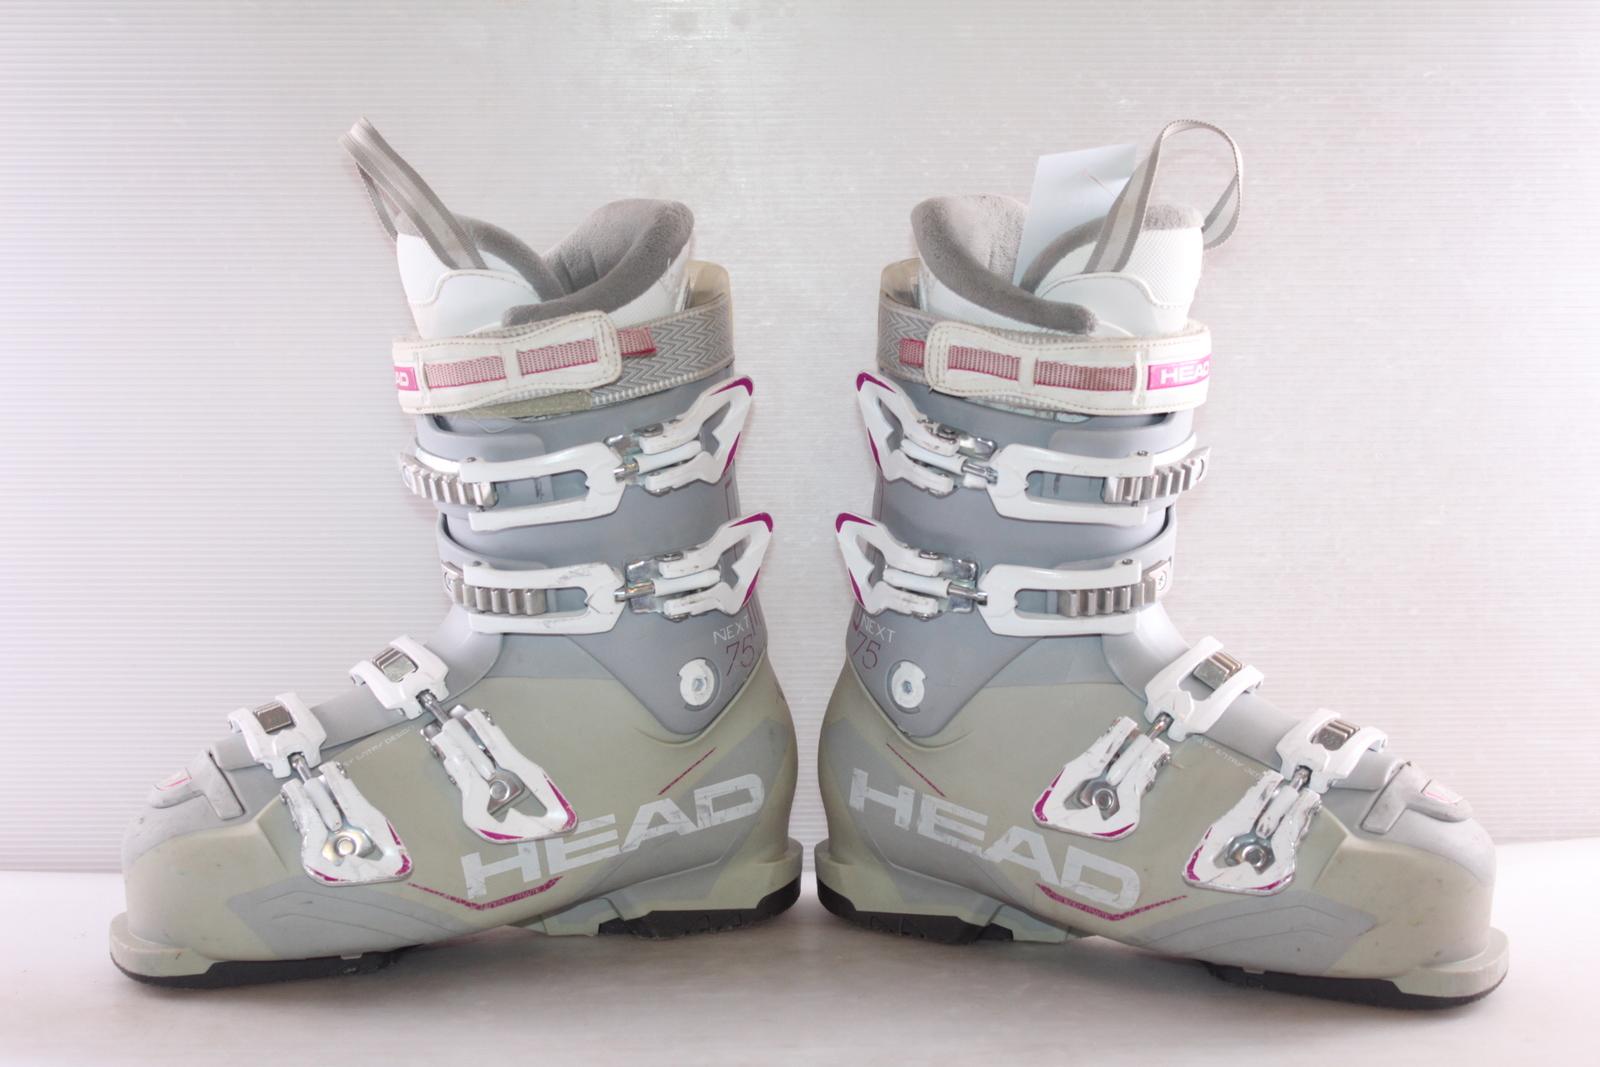 Dámské lyžáky Head NExt Edge 75 vel. EU40.5 flexe 75